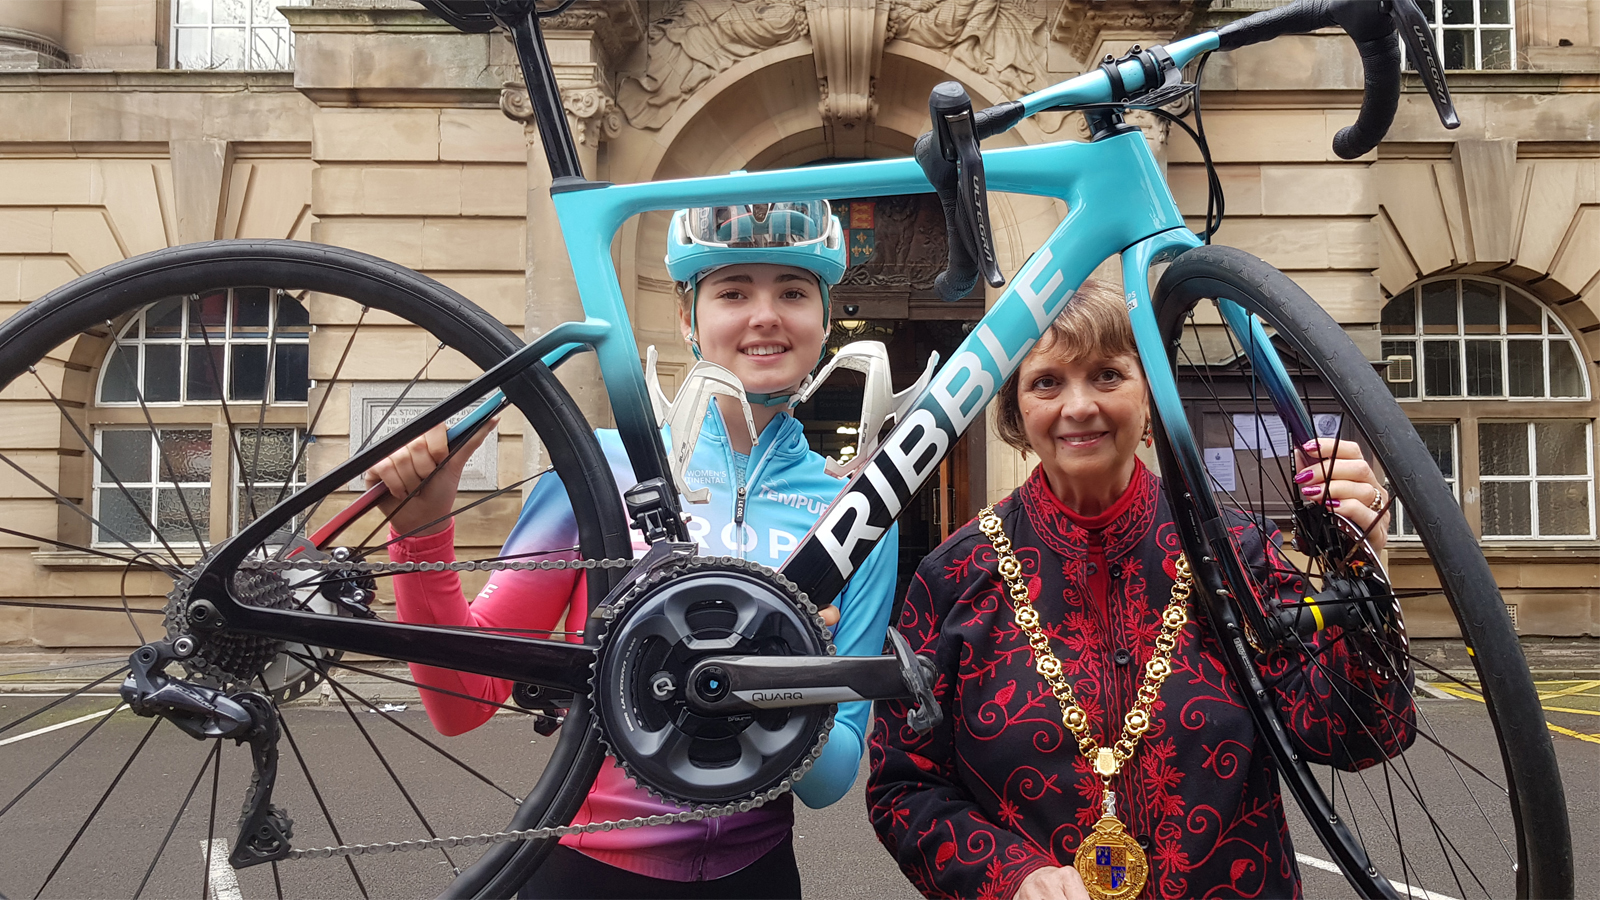 Walsall Women's Tour